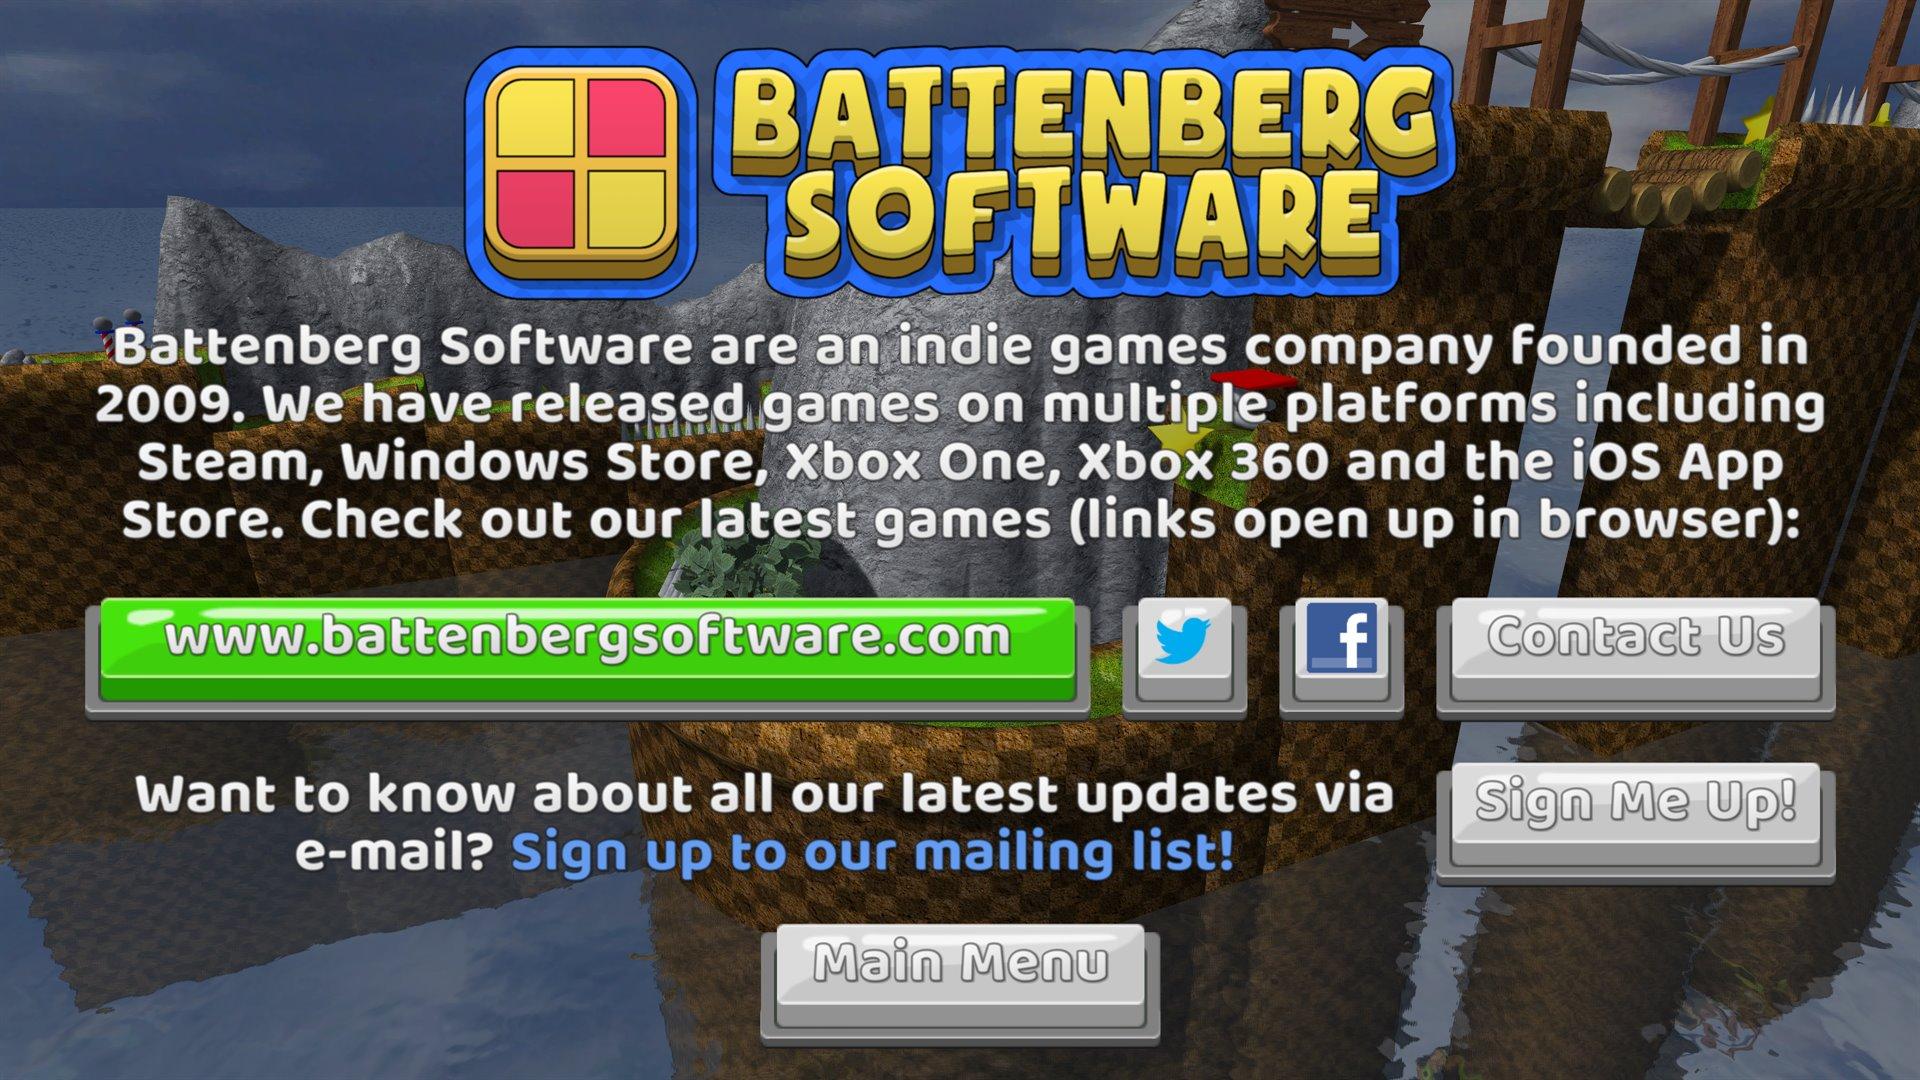 Battenberg Software